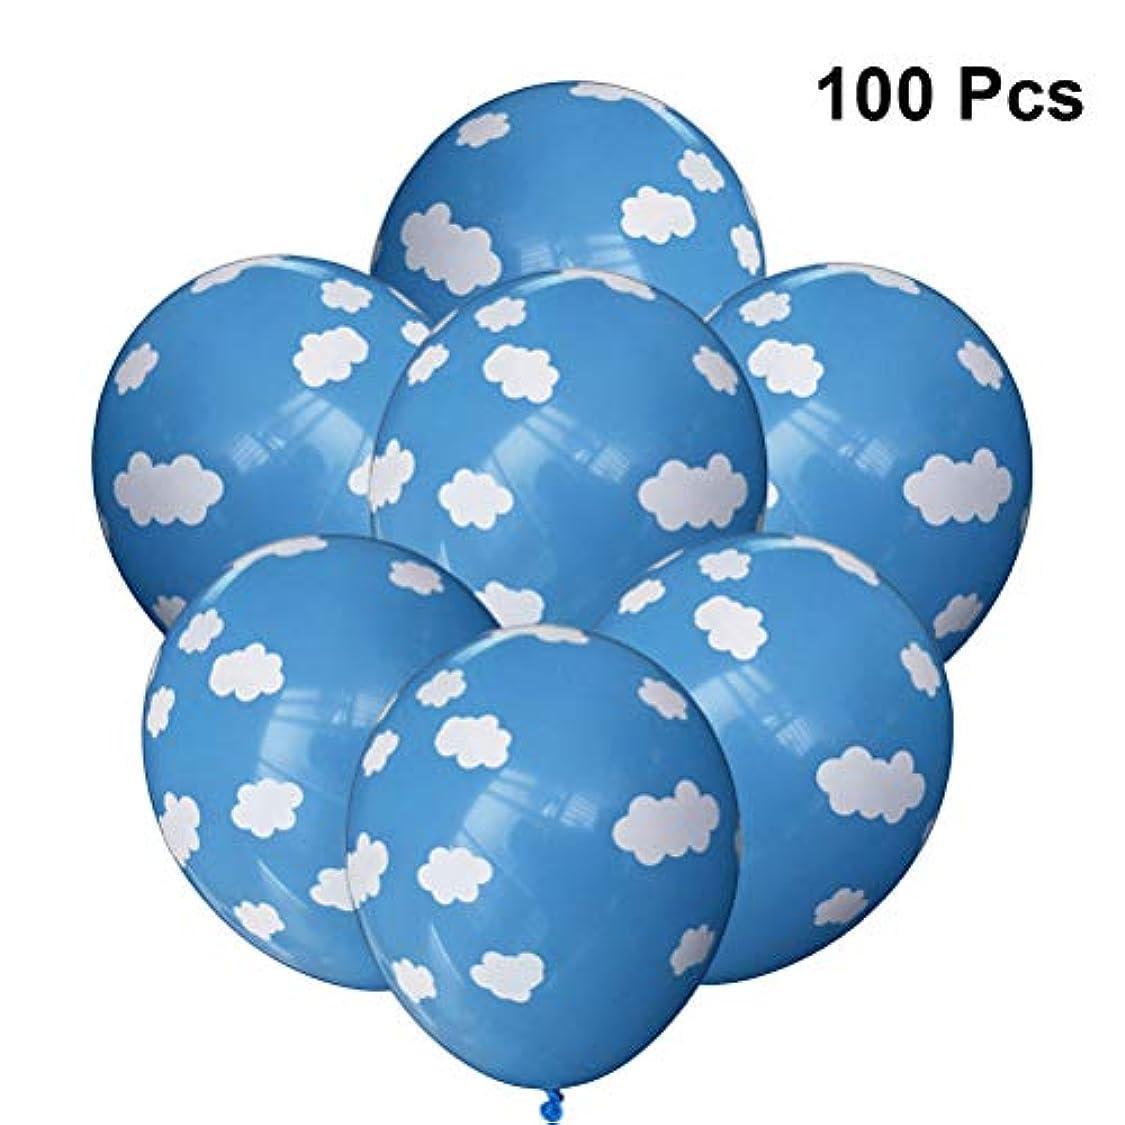 線まで助言するLEDMOMO LEDMOMO 100個バルーン空雲プリントラテックス風船パーティー結婚式の装飾12インチ(ブルー)